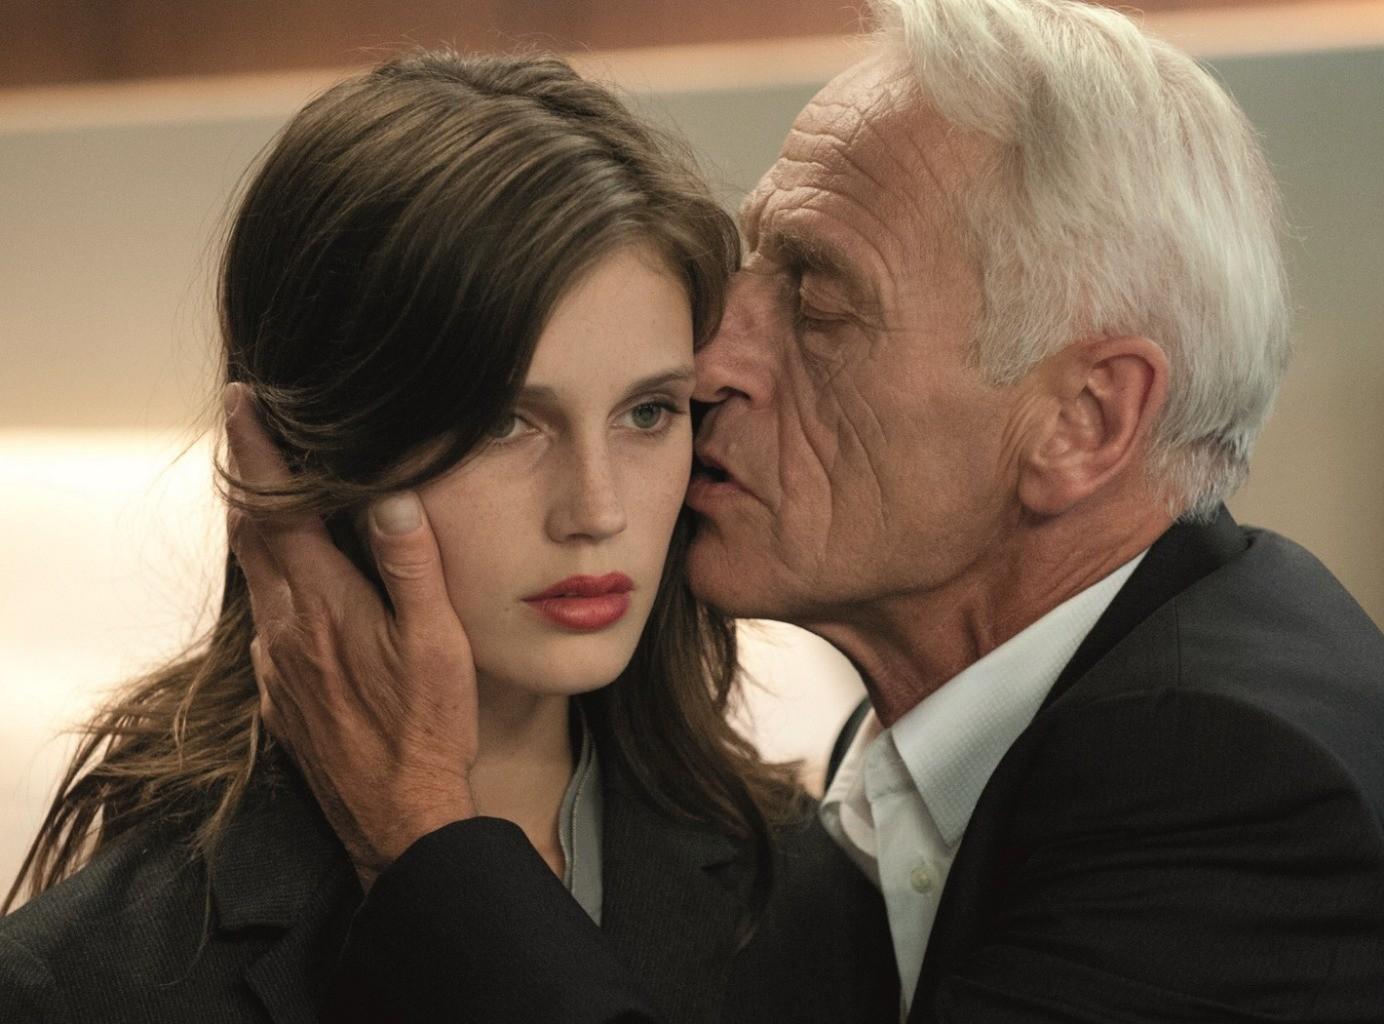 Большая разница: 8 доводов за и против отношений, когда мужчина сильно старше